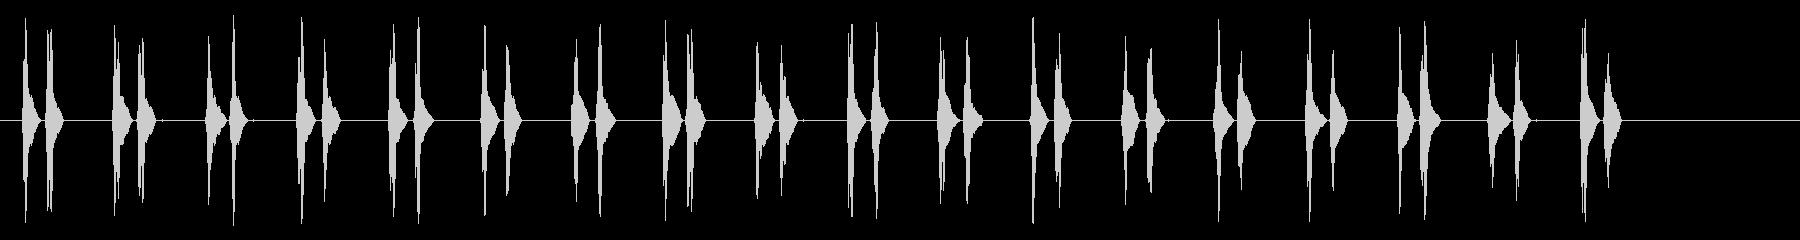 ハートビート2-高速の未再生の波形